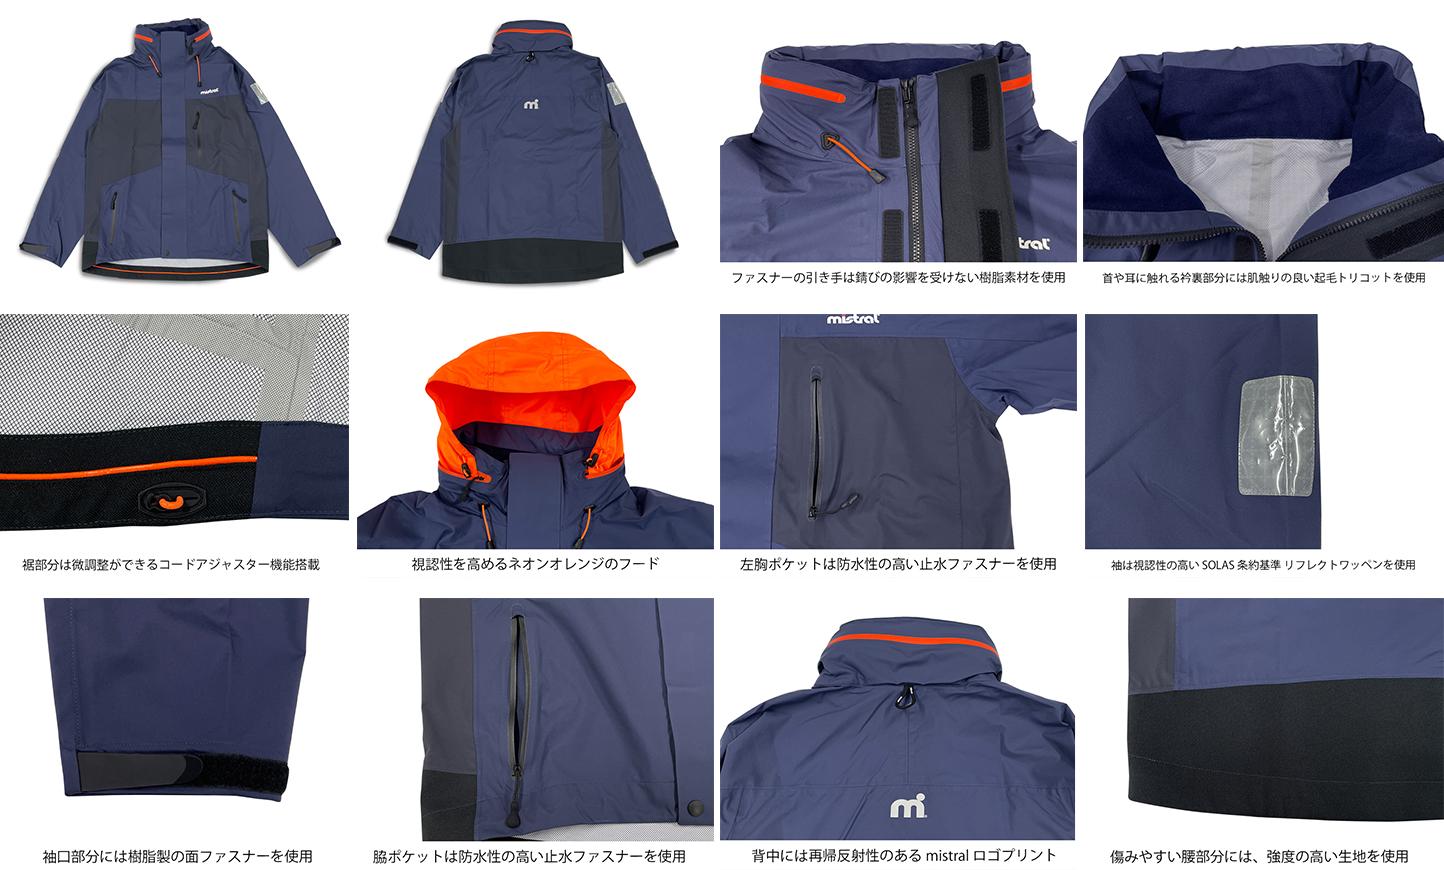 スペックエムテックライトセーリングジャケット